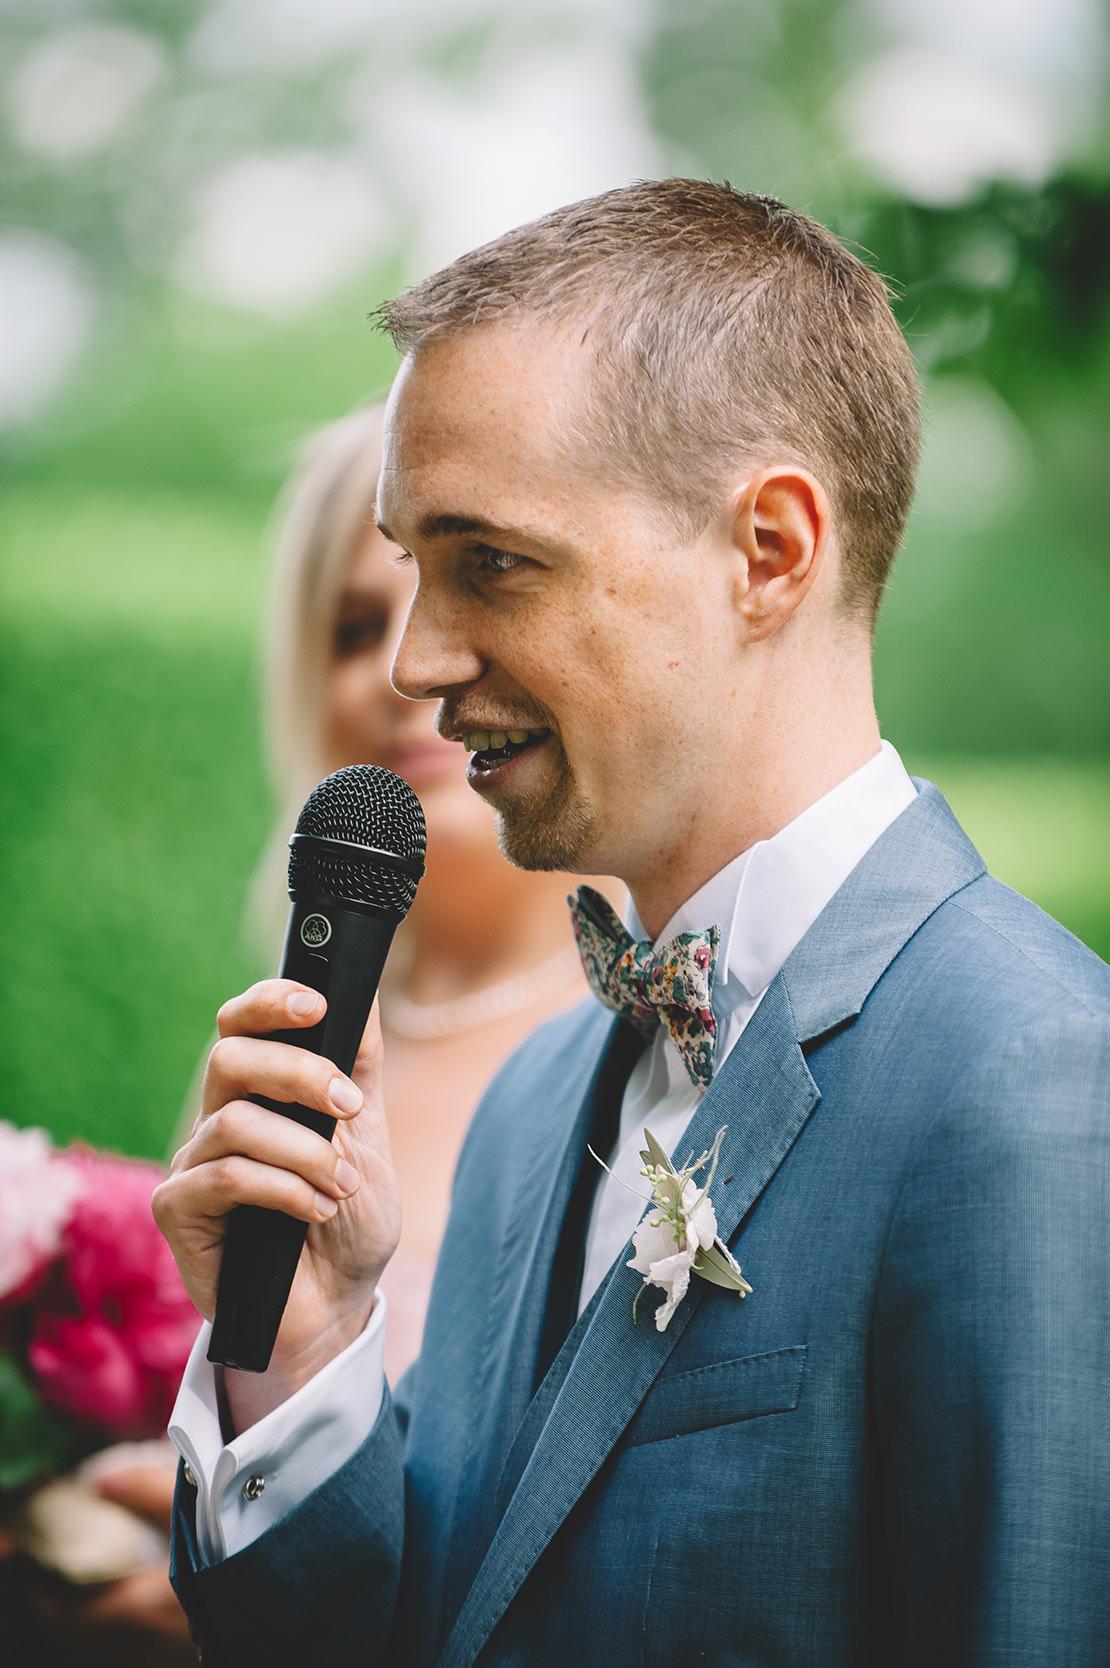 romantique-mariage-silvia&thomas-monika-breitenmoser-photographe-mariage-nyon (110)